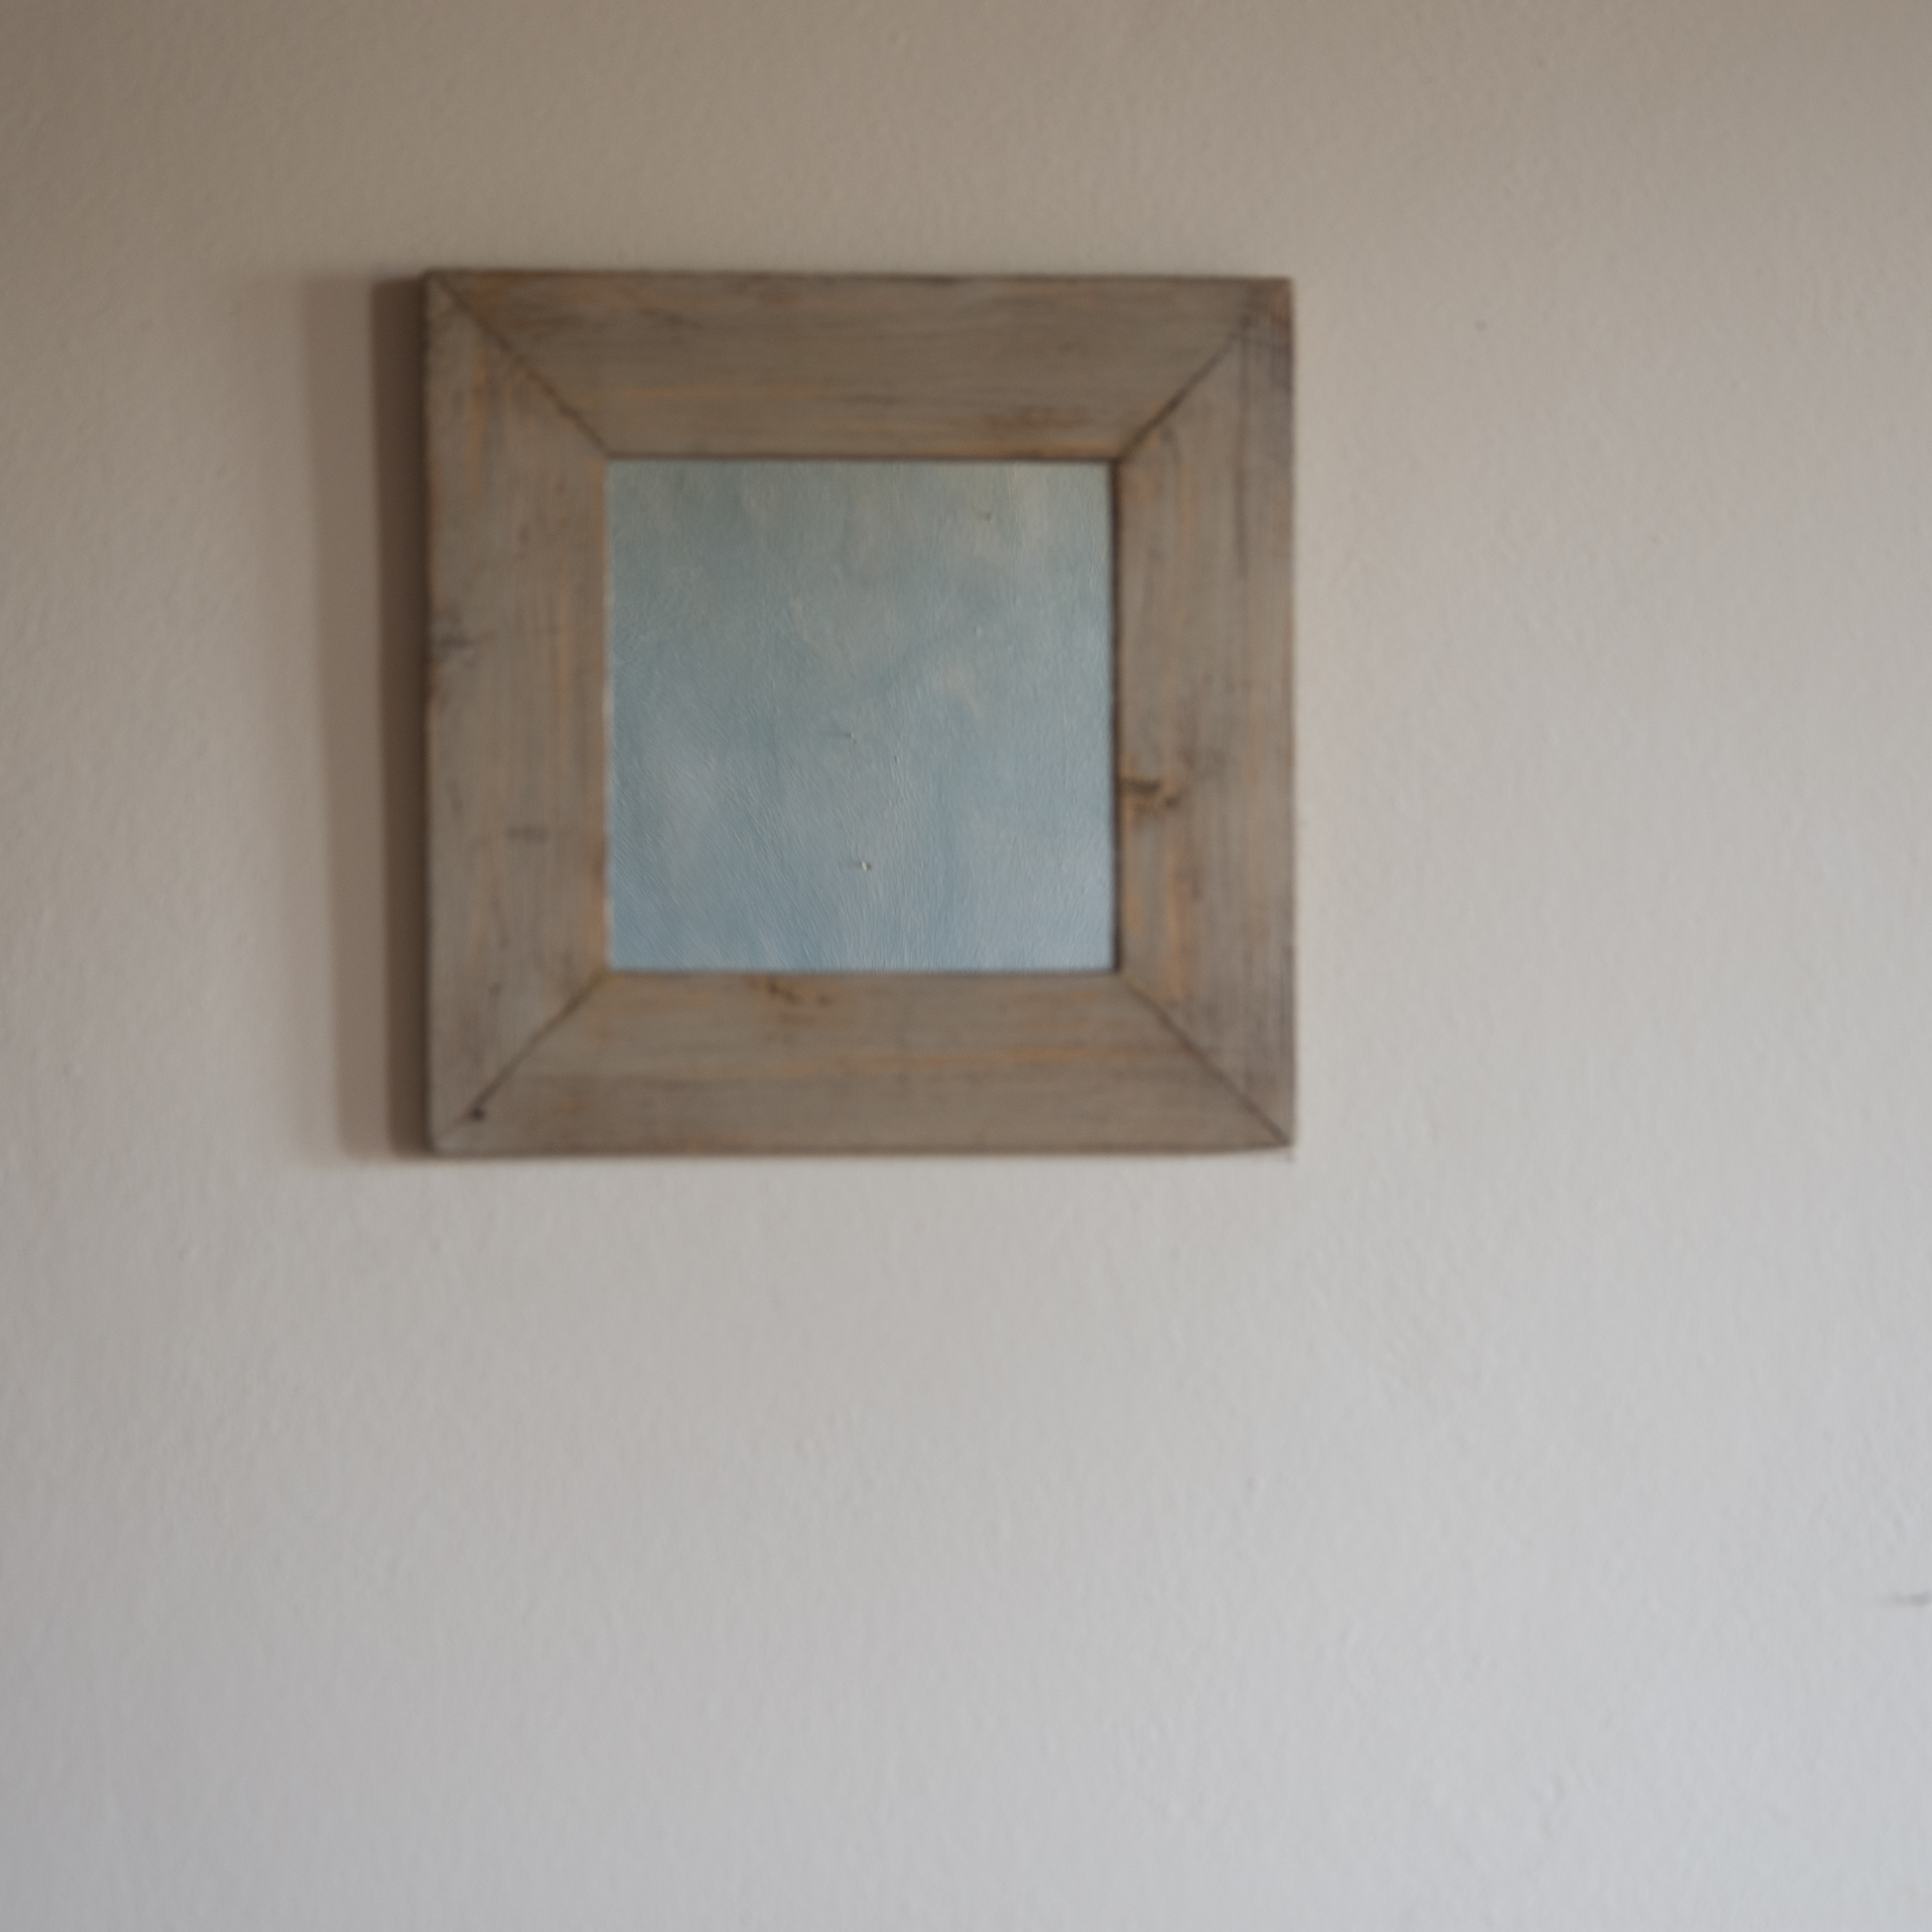 Specchio no.02 in legno di recupero ristrutturato